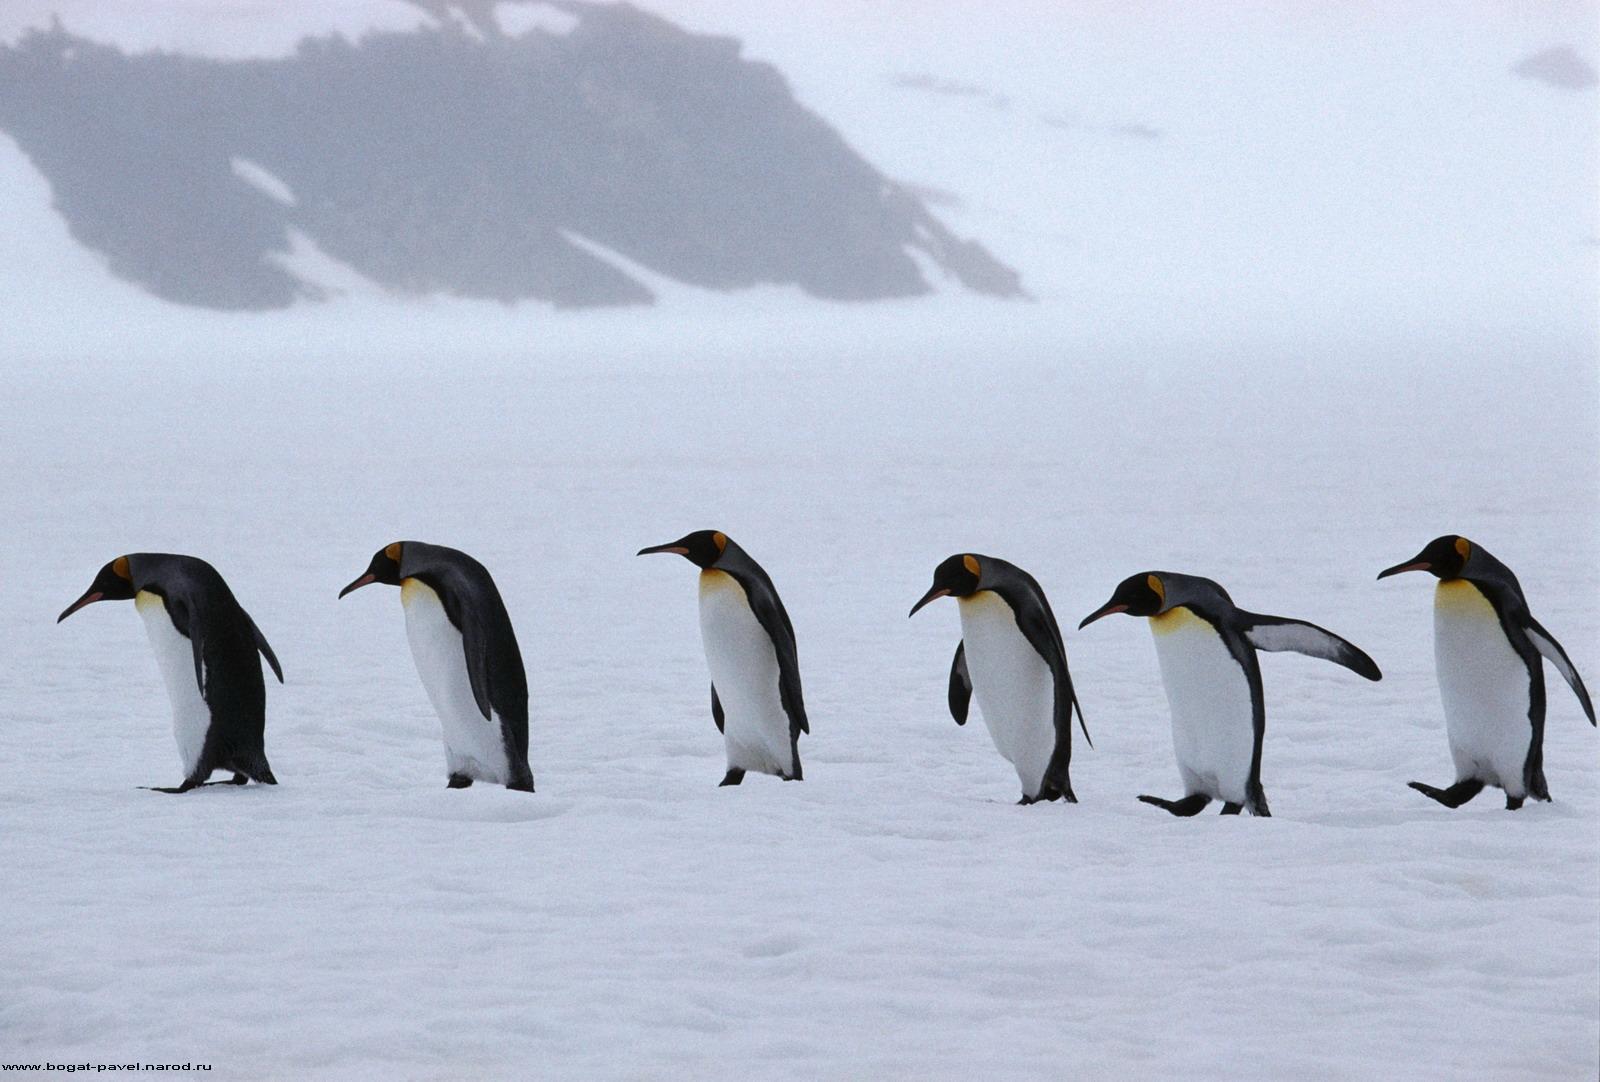 壁紙 ペンギン 動物 ダウンロード 写真